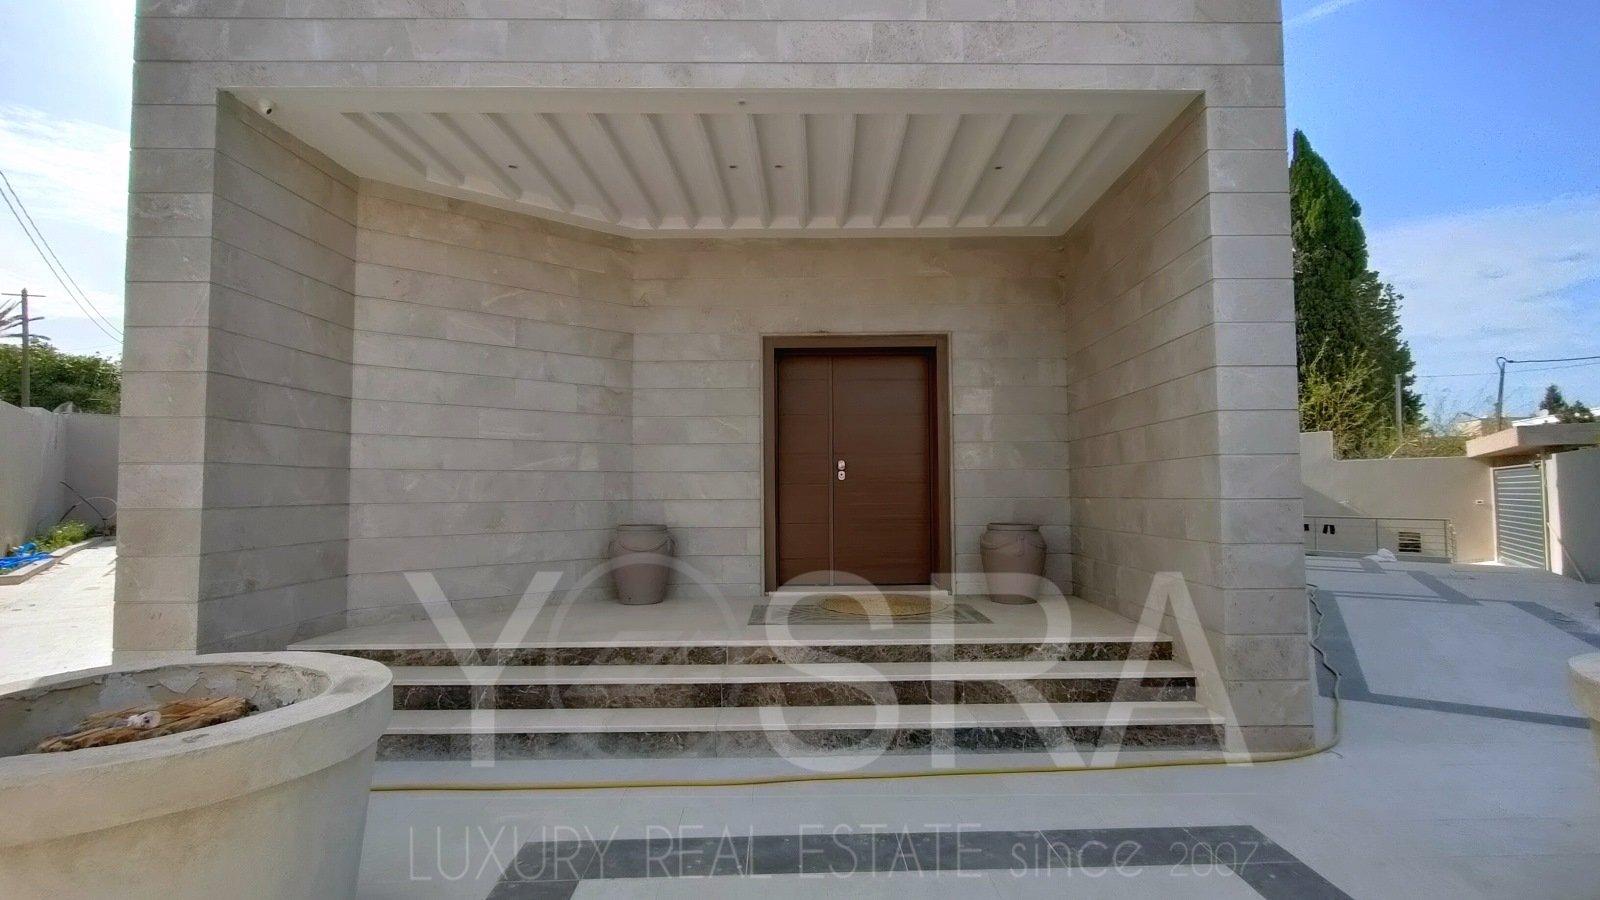 Vente Villa - Megrine - Tunisie